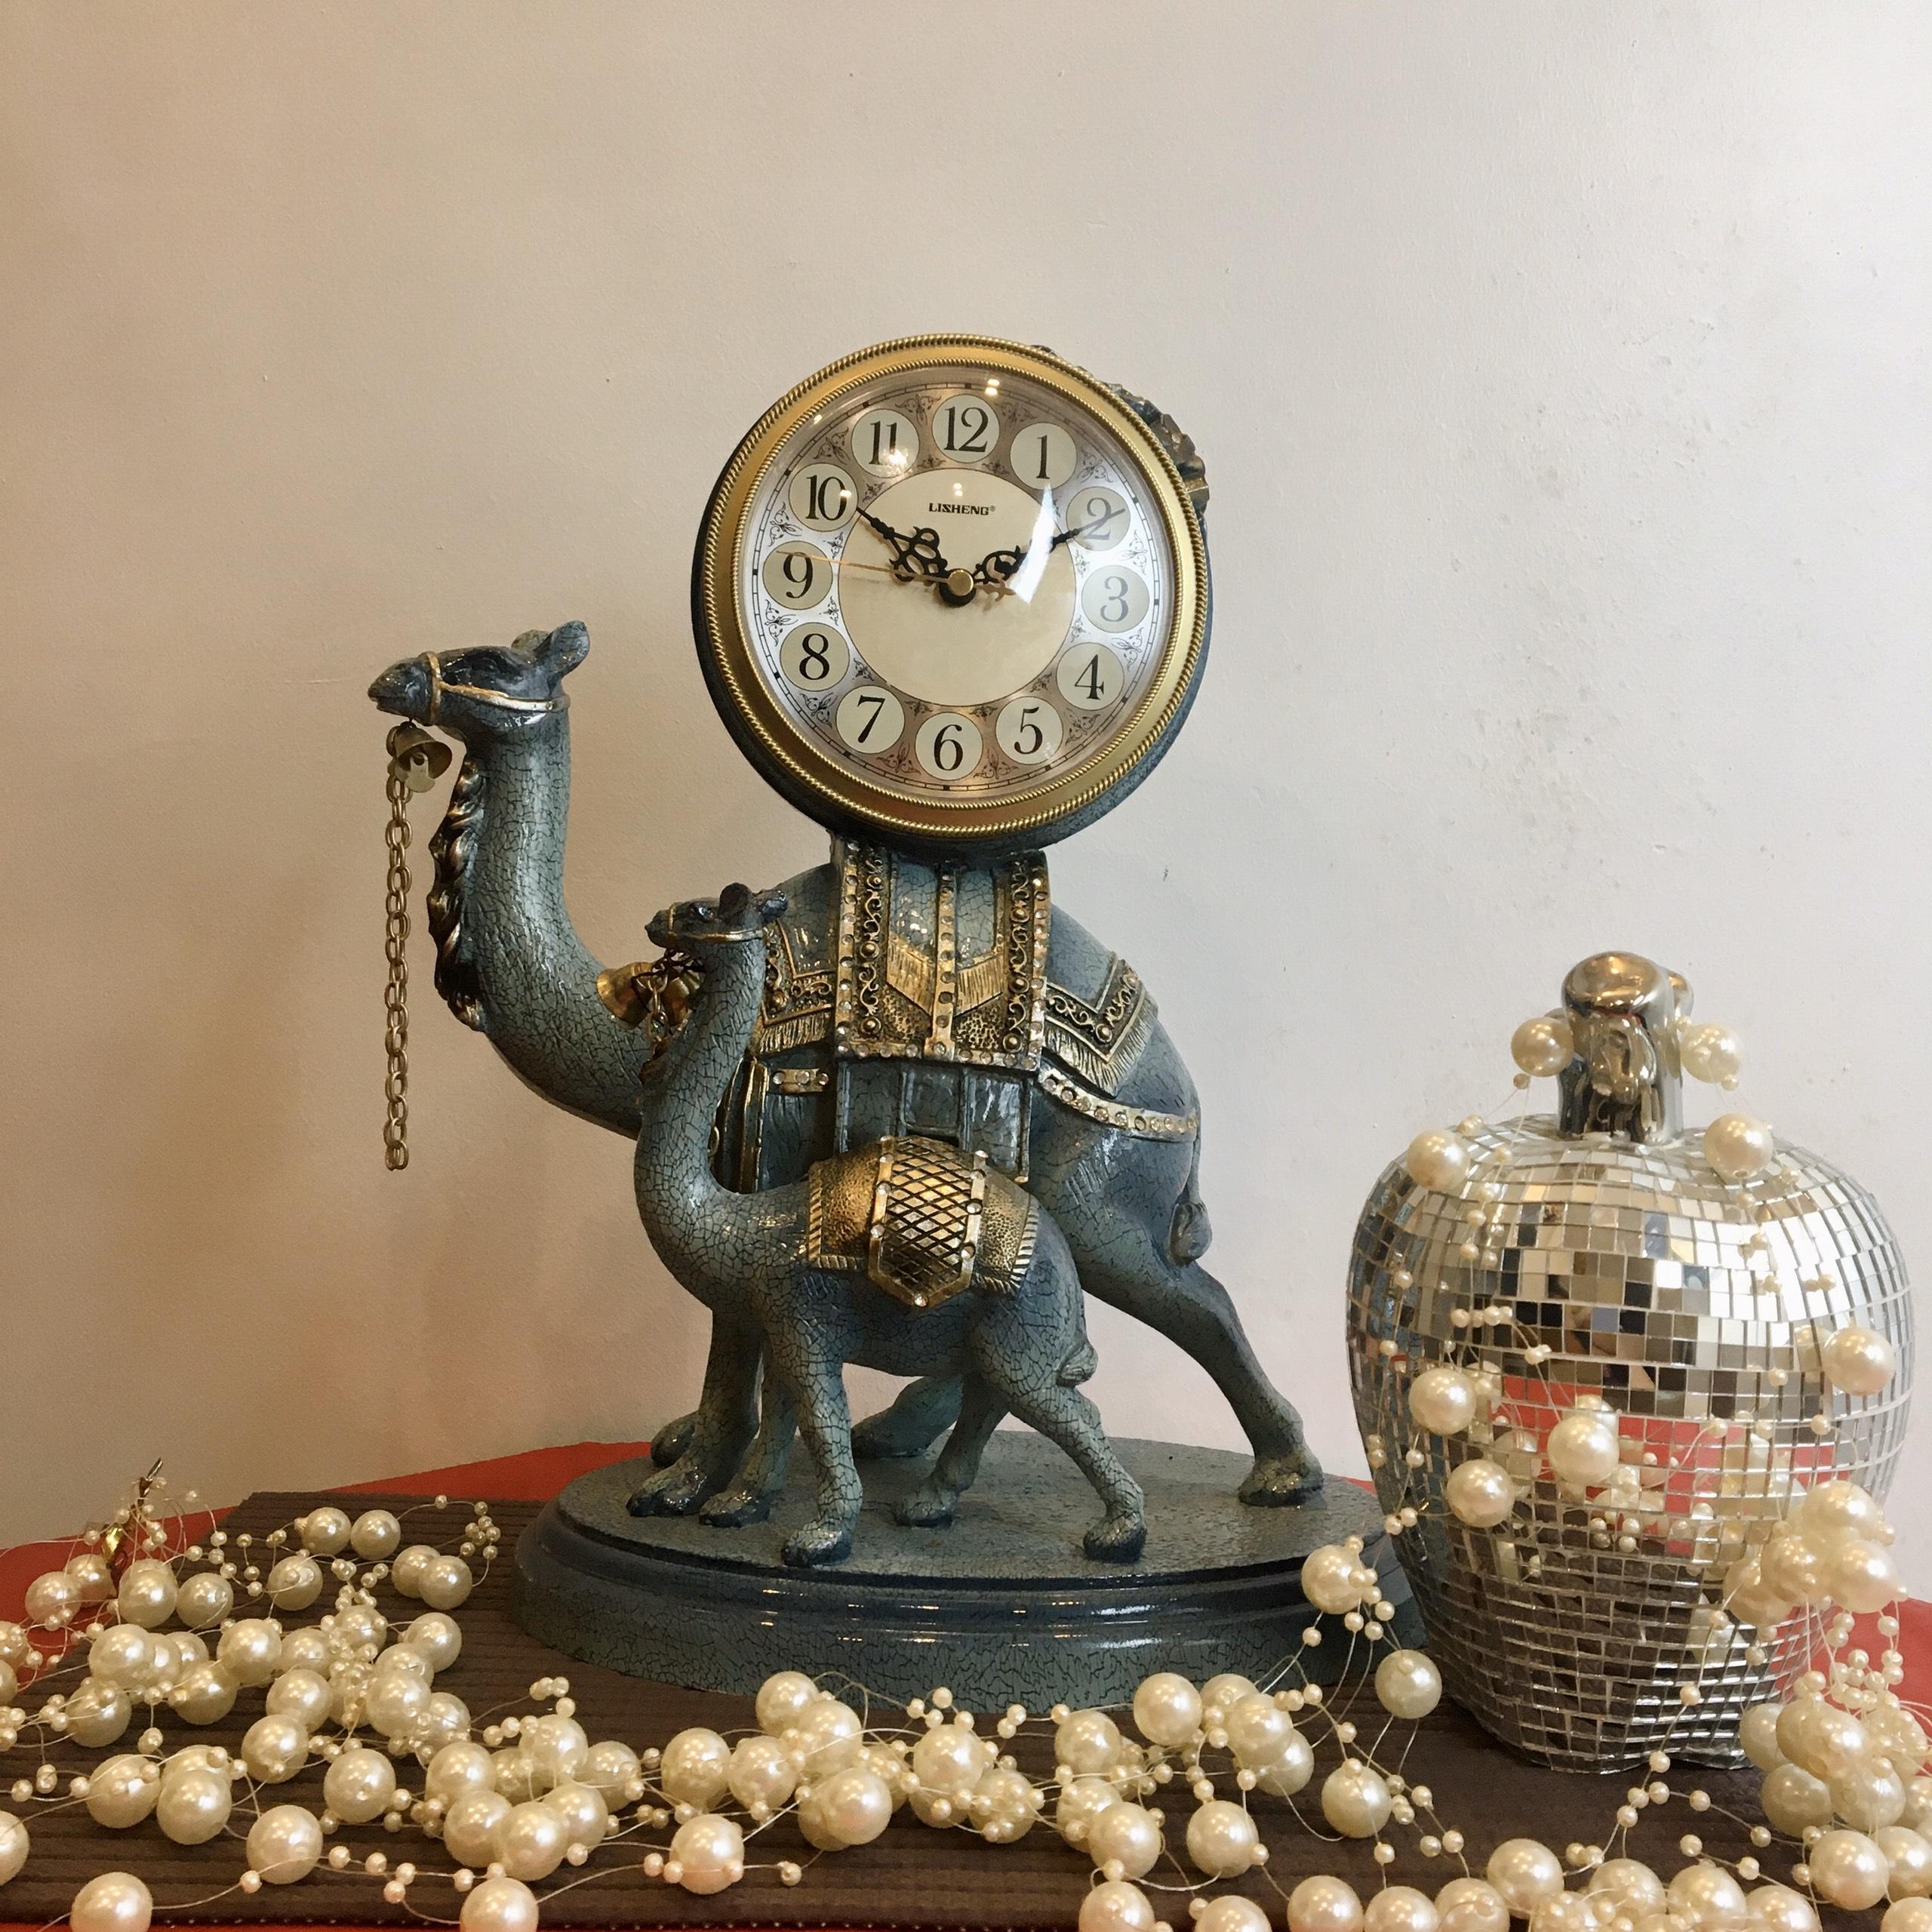 Đồng hồ bàn lạc đà 400108